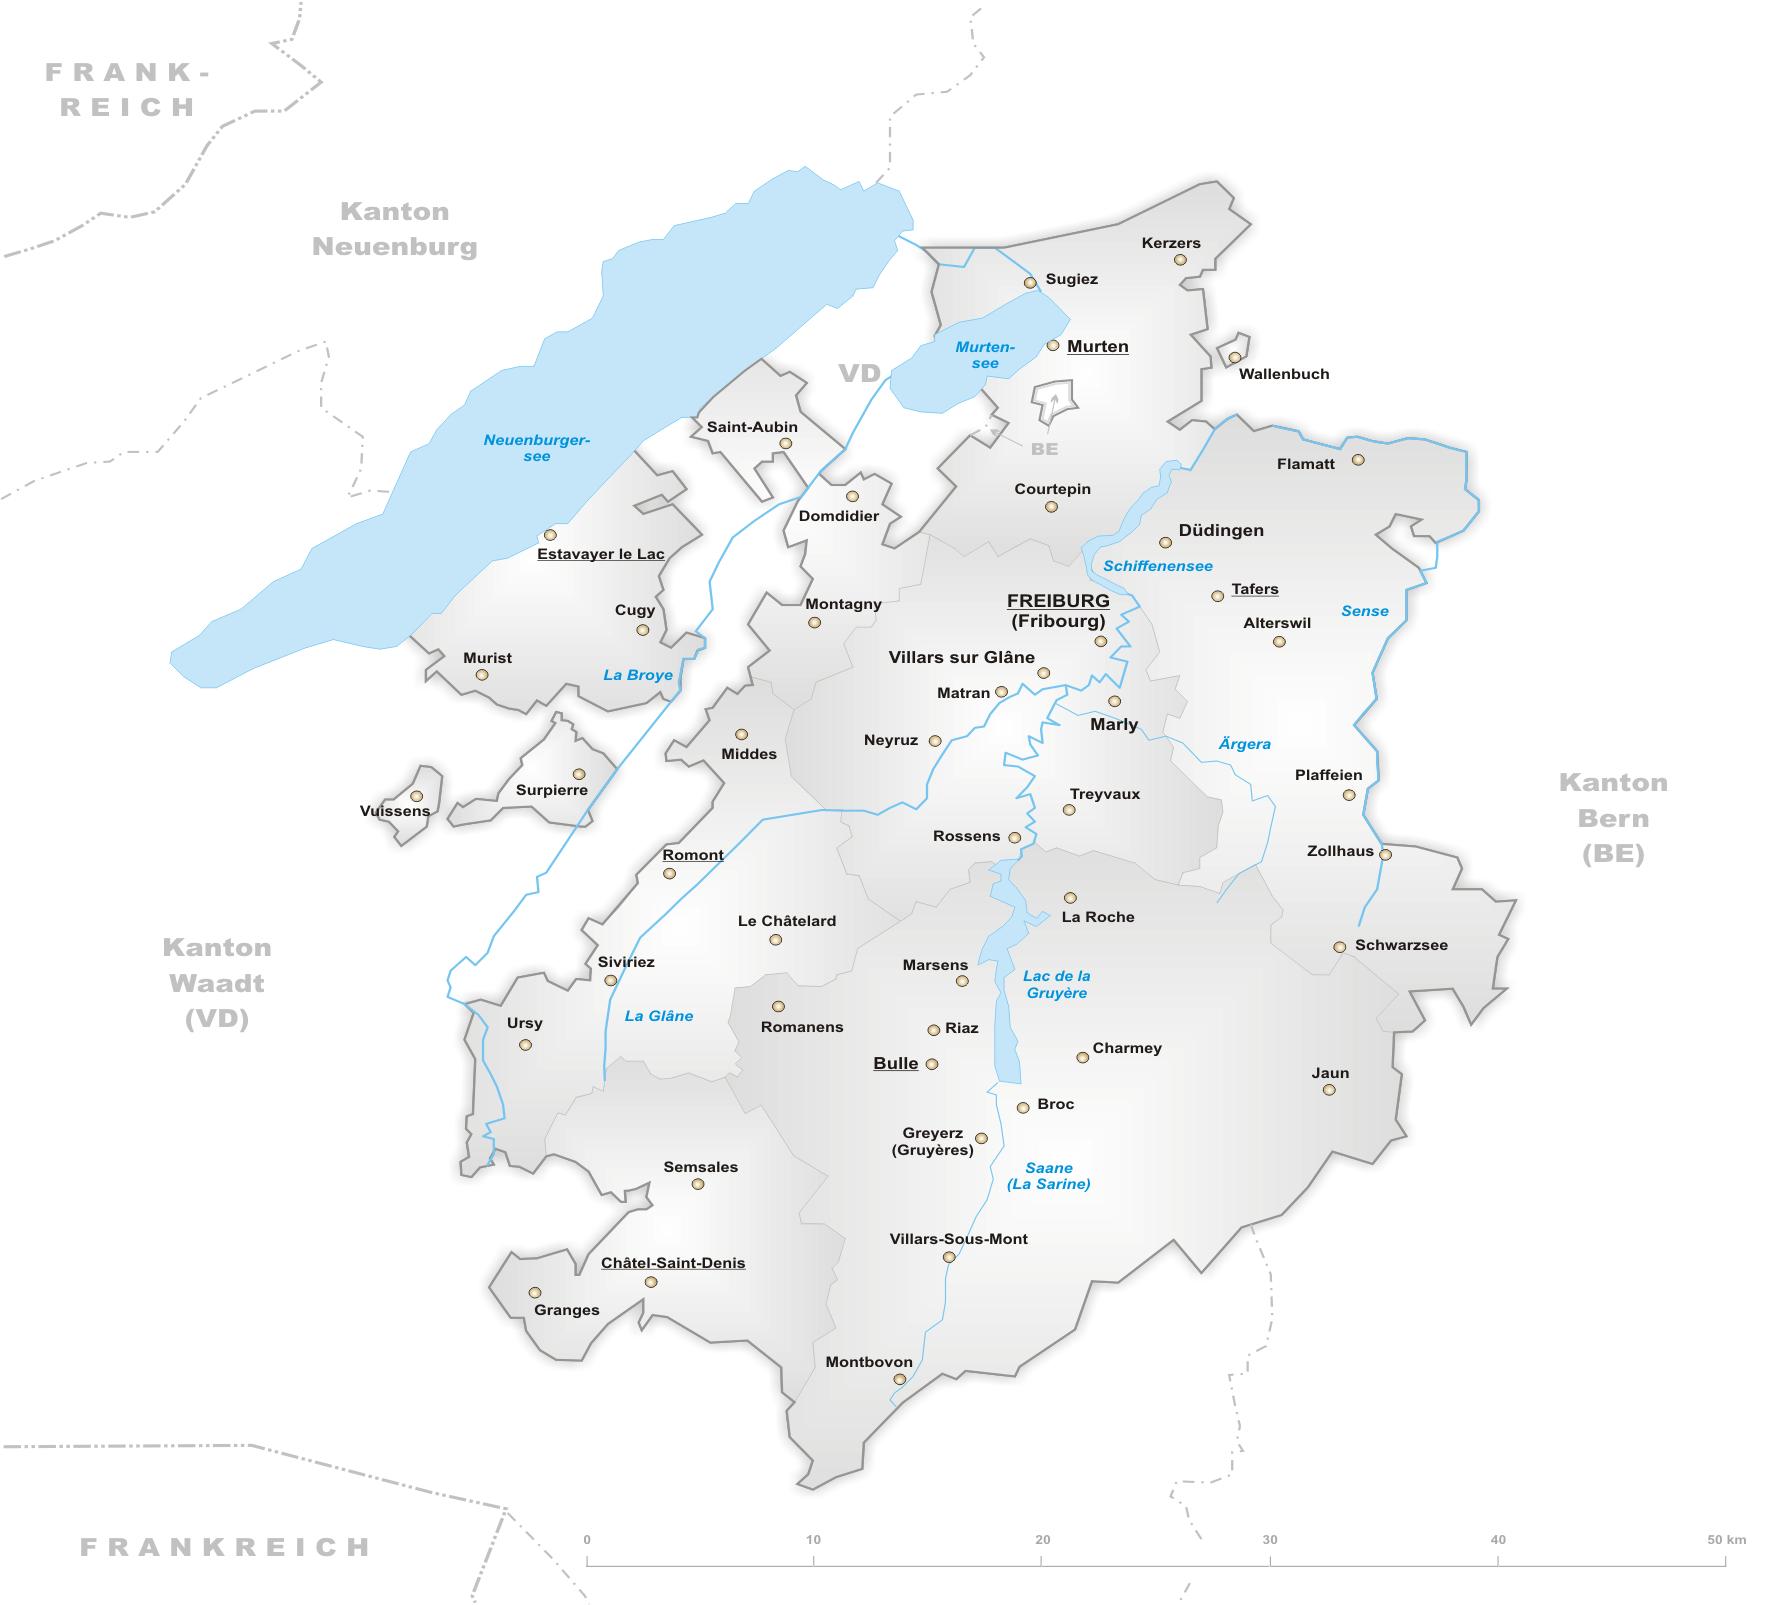 Freiburg Karte.Datei Karte Kanton Freiburg Png Wikipedia